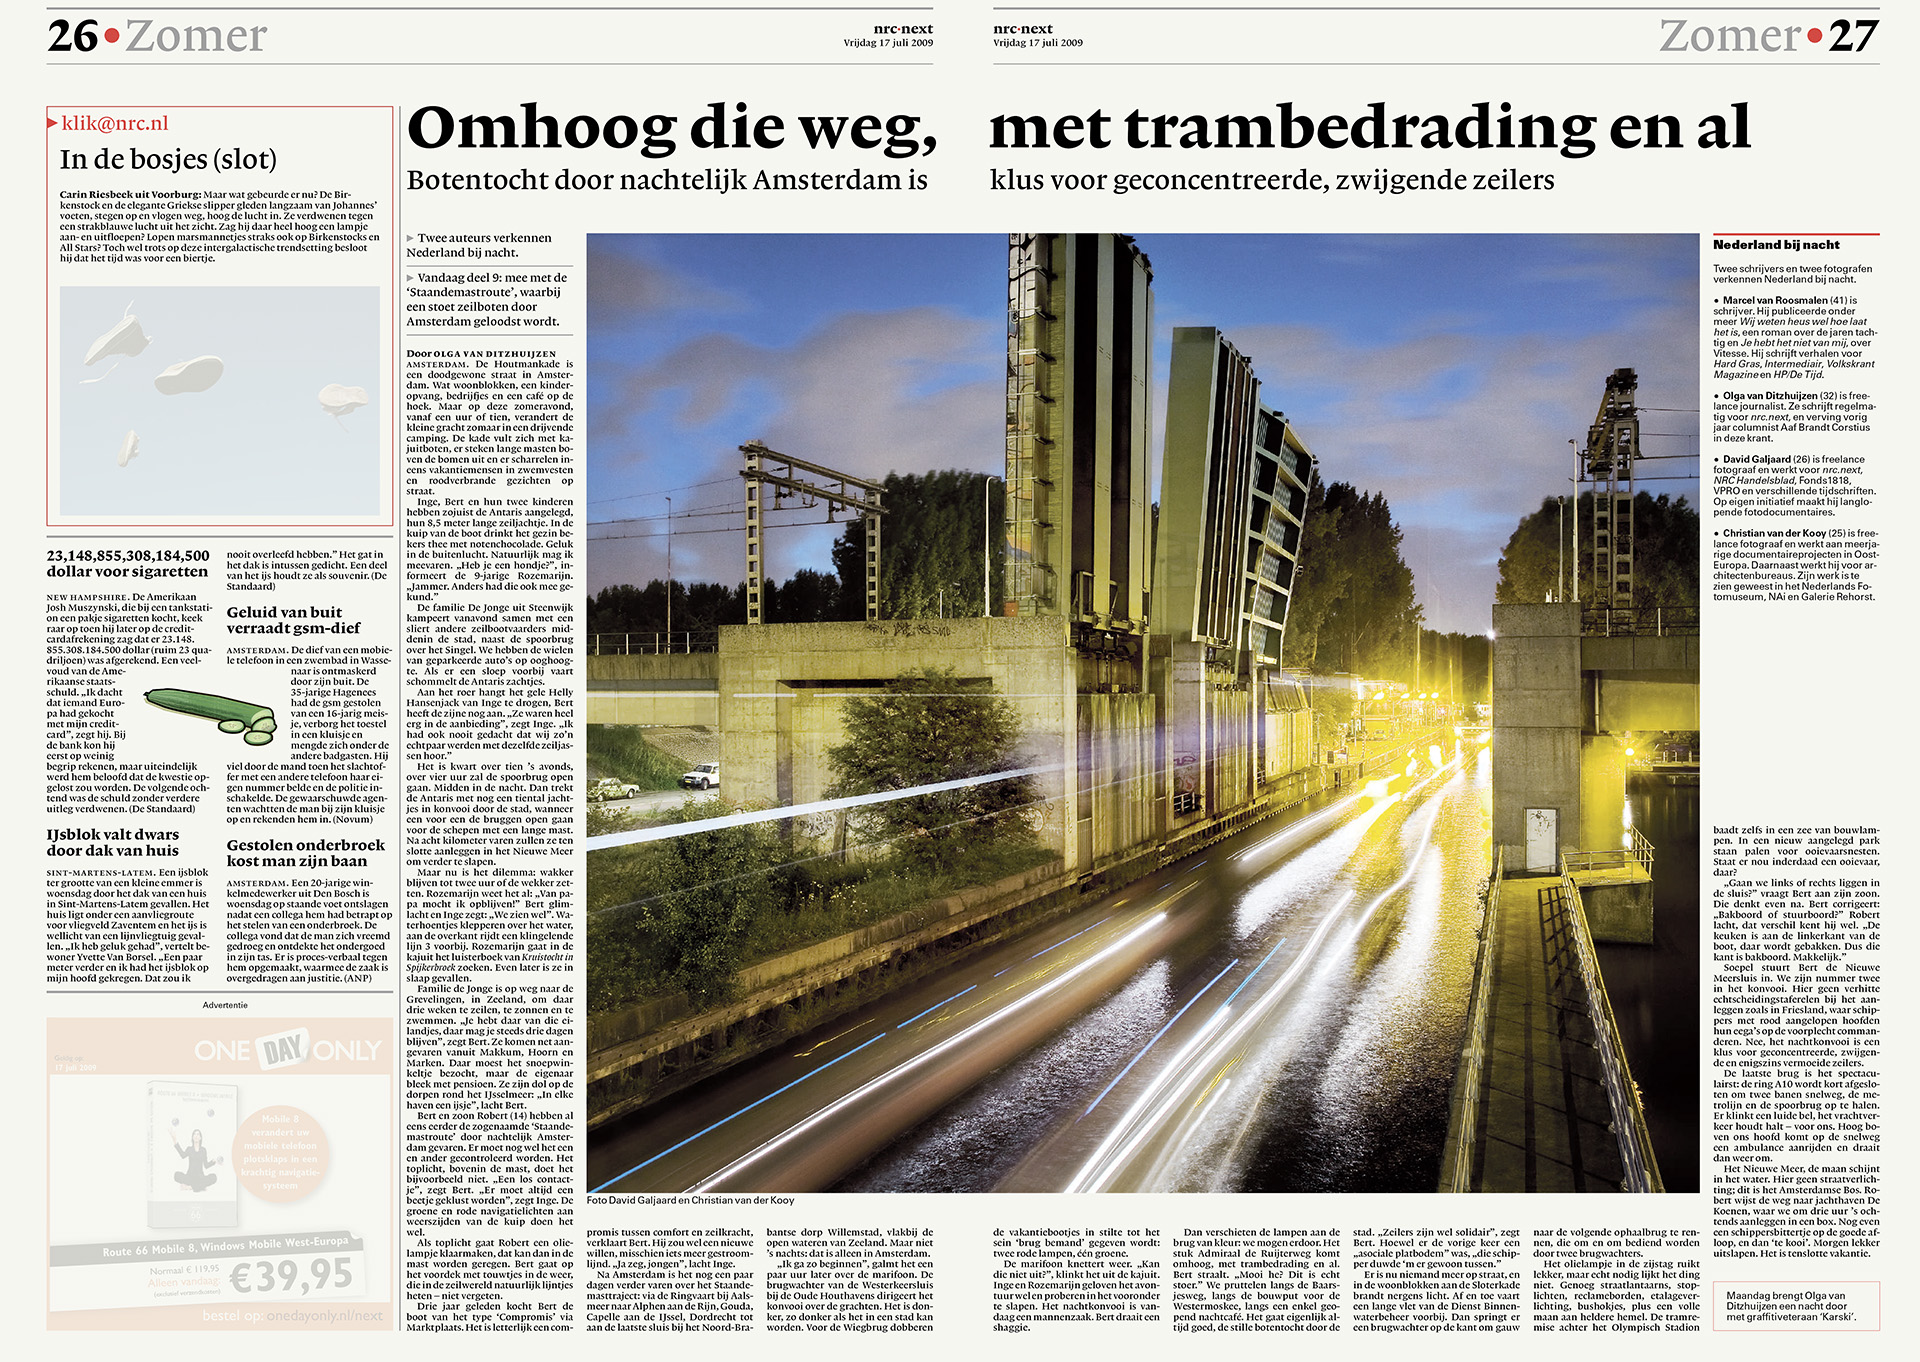 NRC Next - Nederland bij nacht - David Galjaard